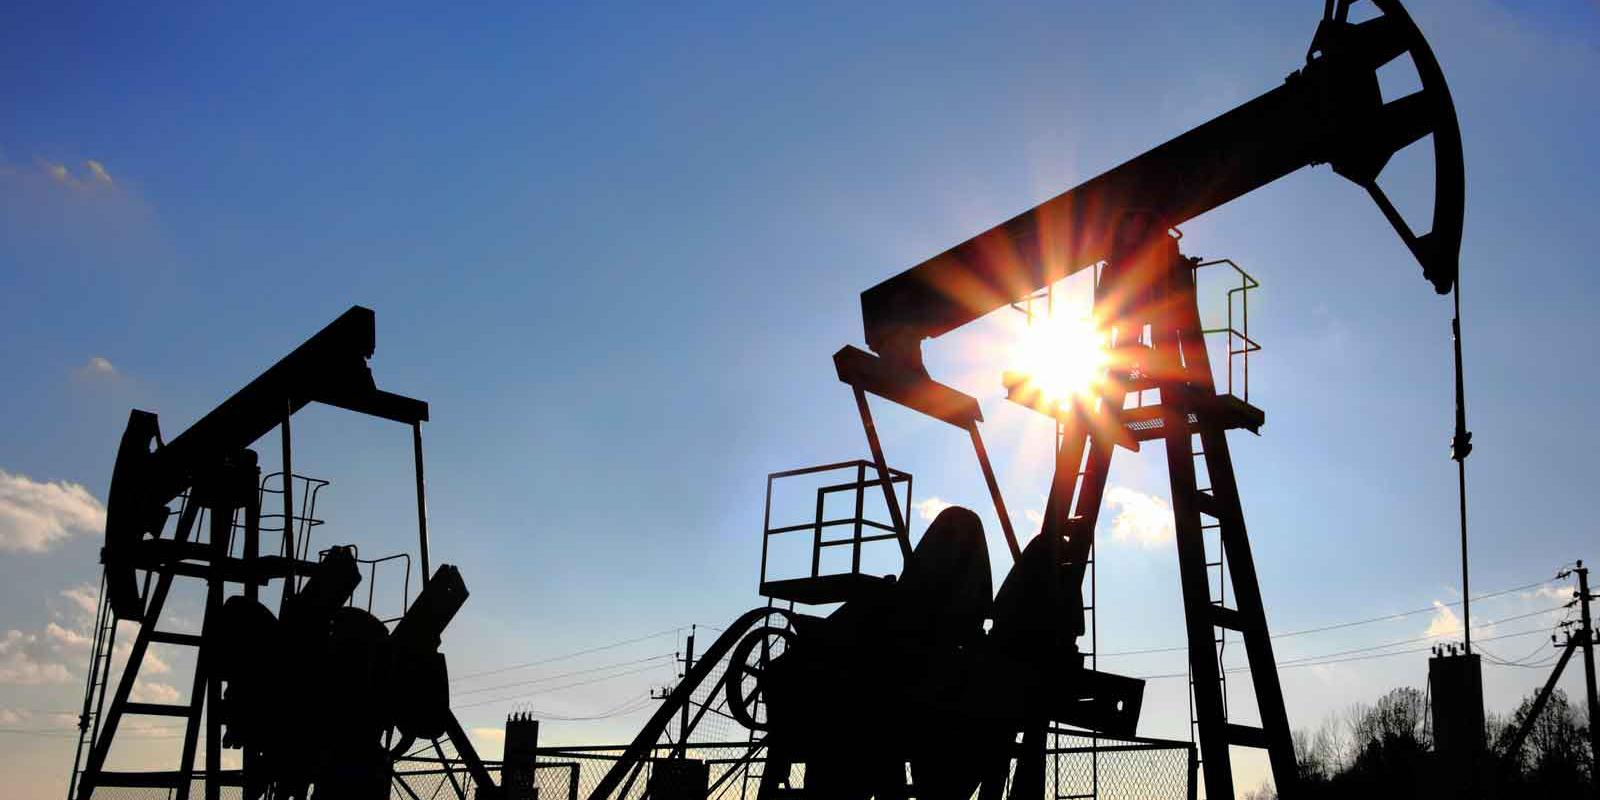 سیر تا پیاز قراردادهای جدید نفتی/حتی یک پیچ هم به طرف خارجی واگذار نمیکنیم